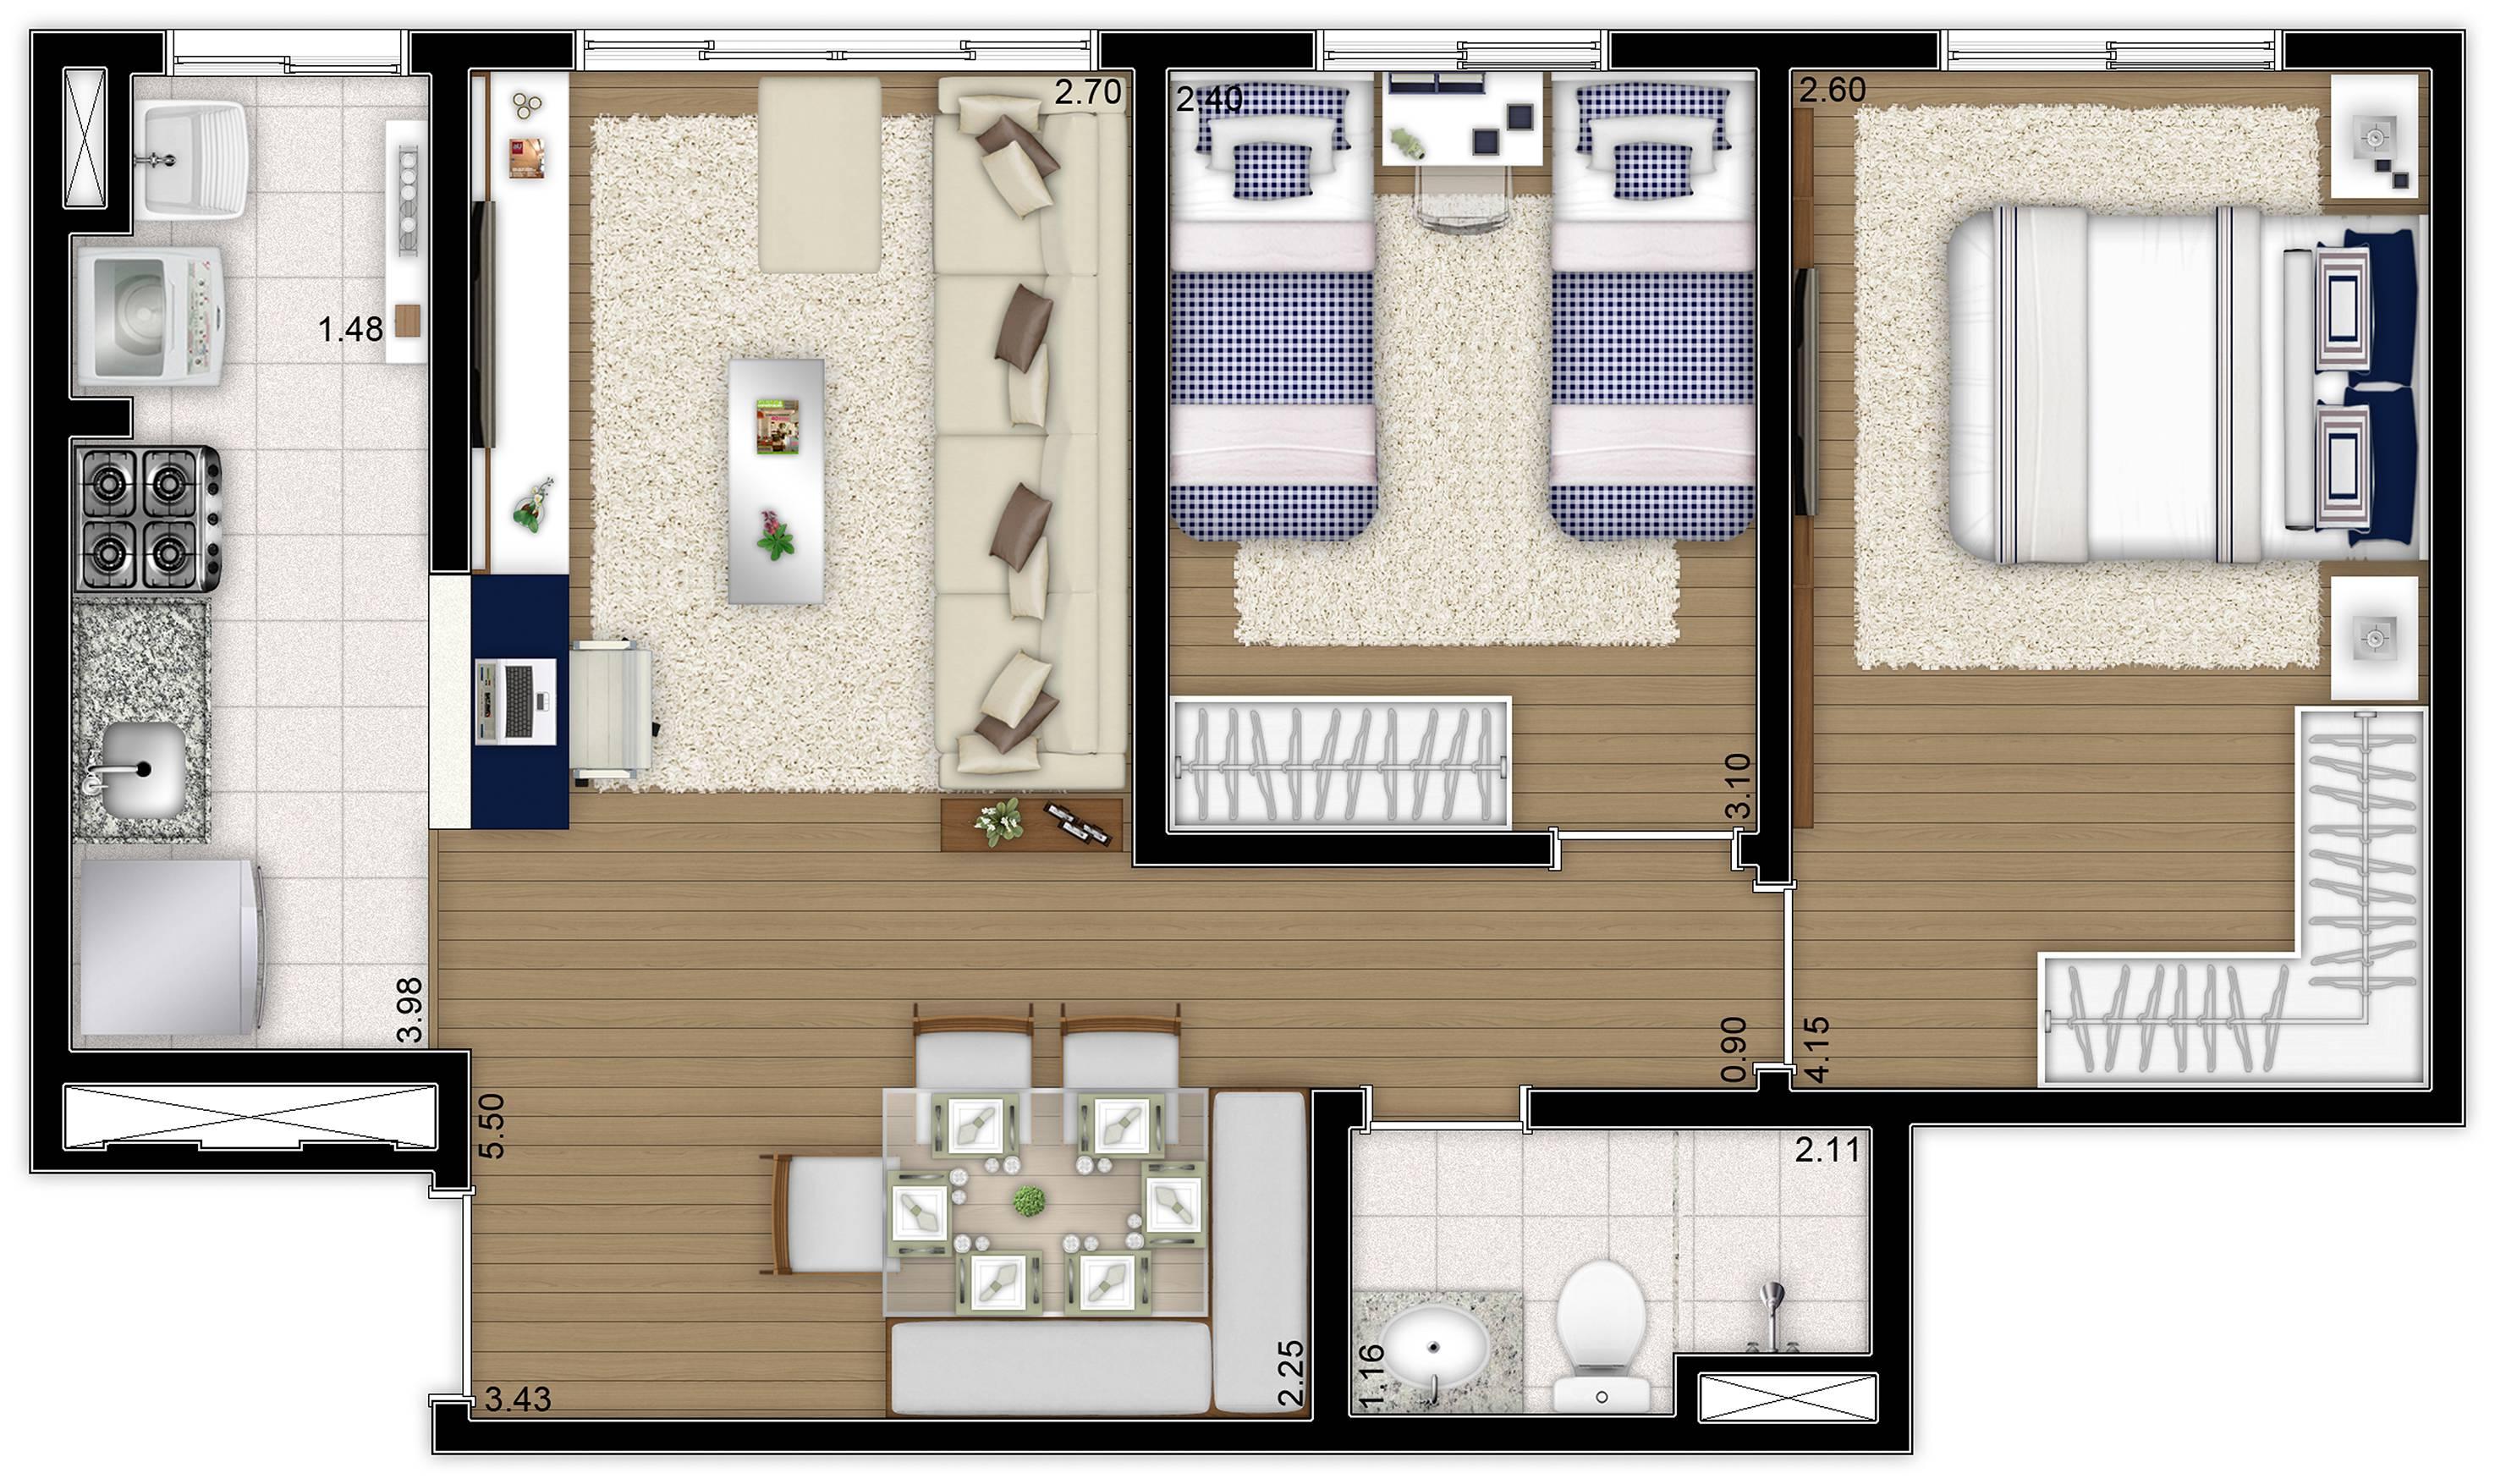 51 m² - 2 dorms - apto tipo